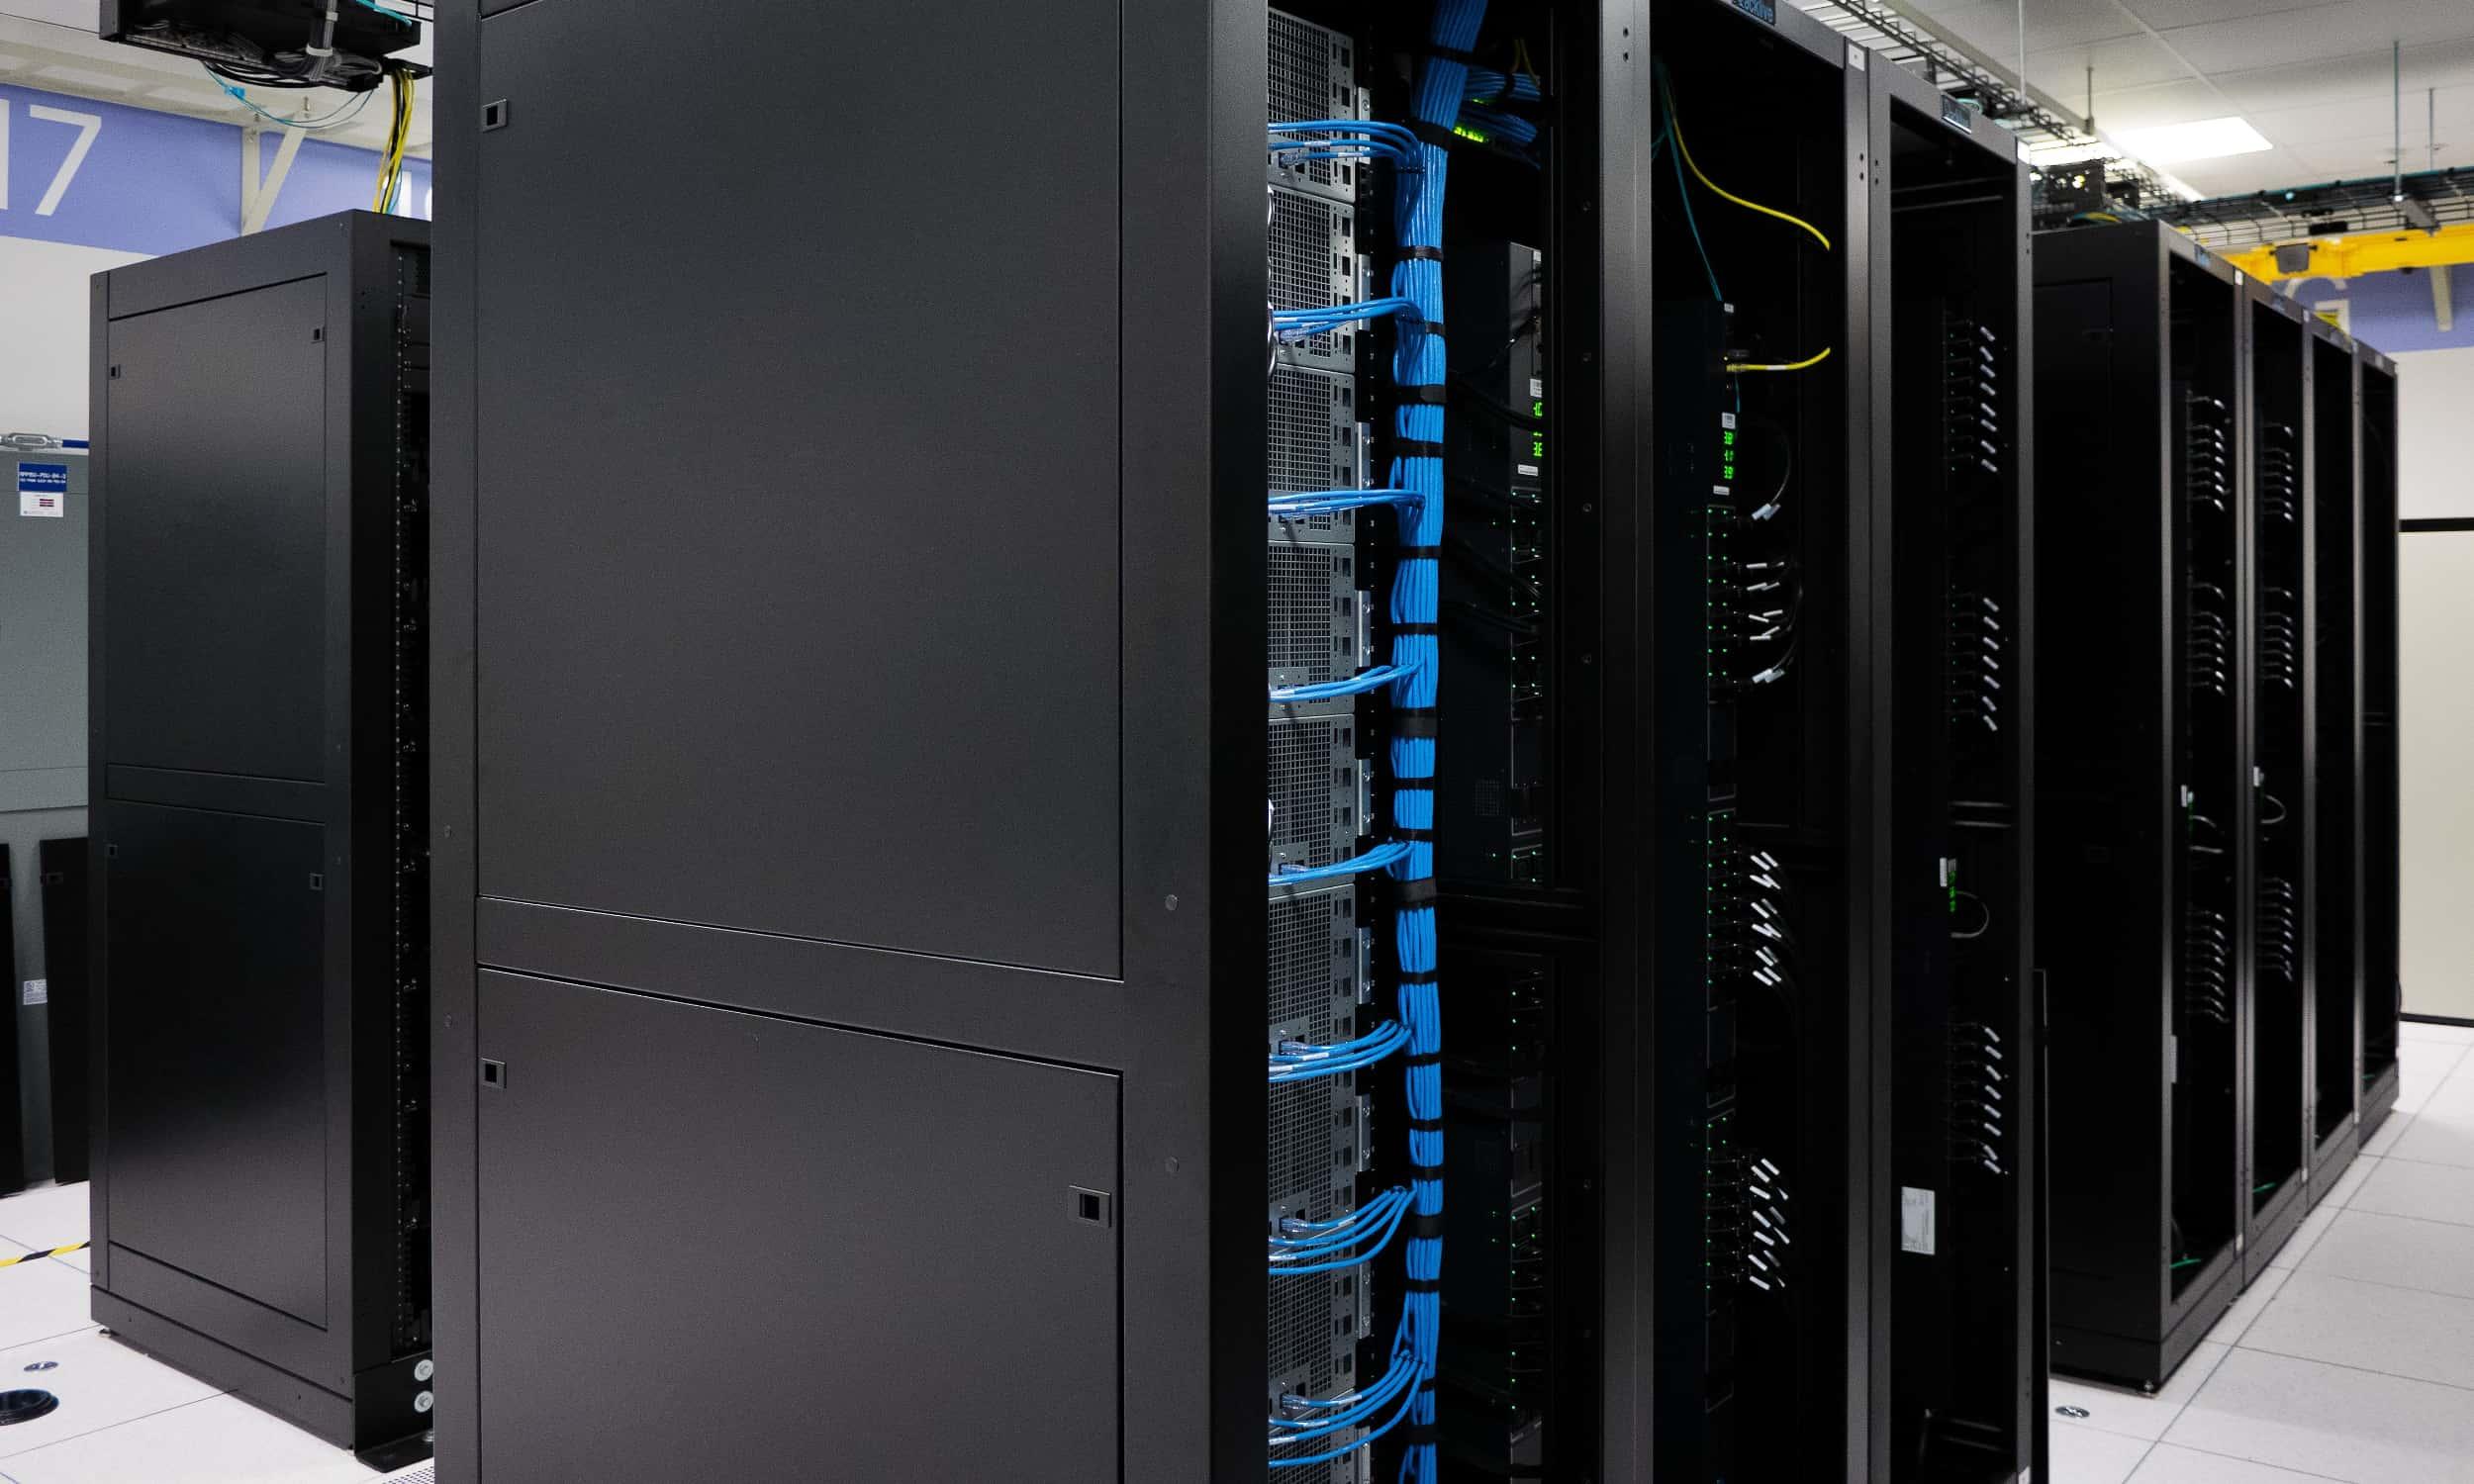 Mehrere schwarze Server-Racks in einem Rechenzentrum